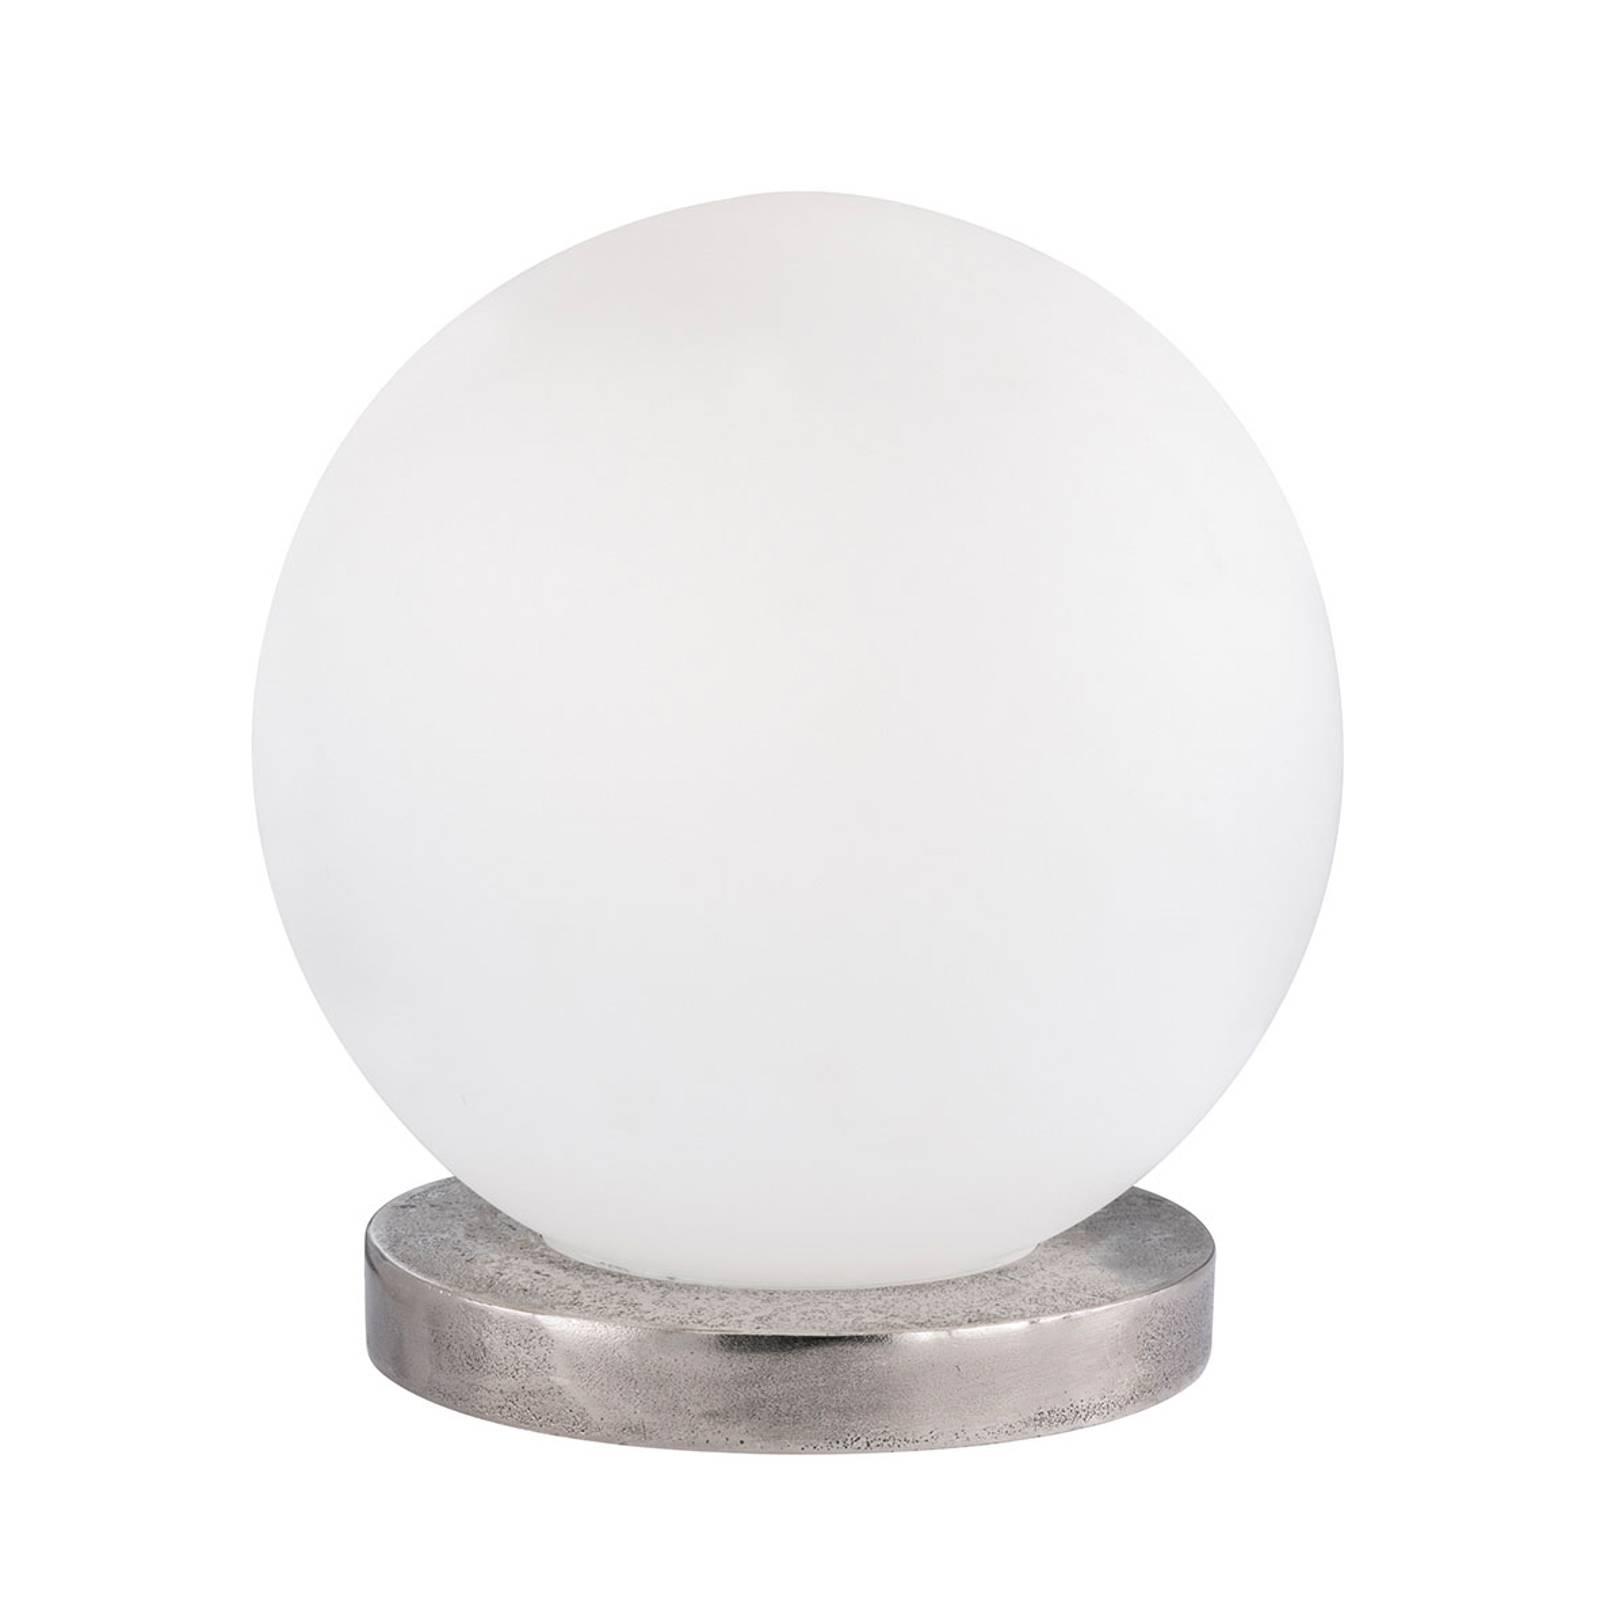 Pöytävalaisin Antony opaali pallo, nikkeli, Ø 20cm